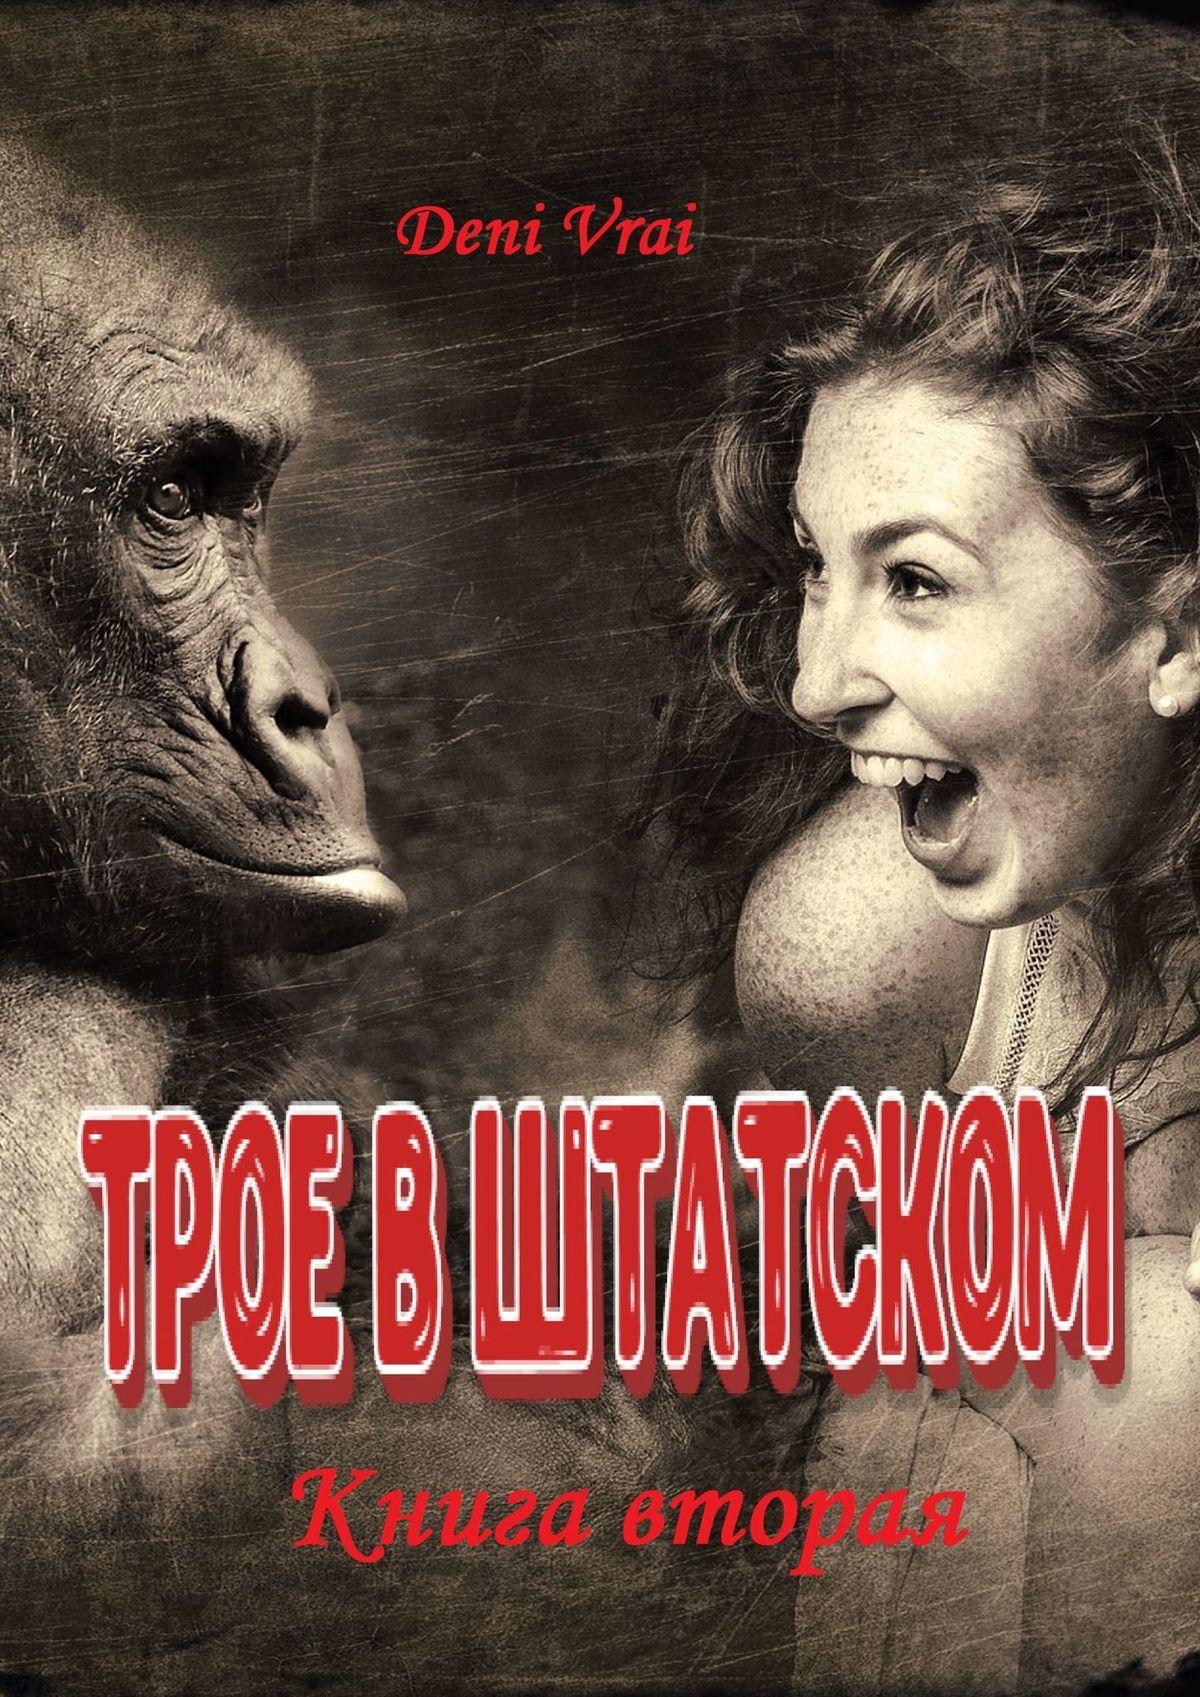 купить Deni Vrai Трое вштатском. Книга вторая по цене 120 рублей